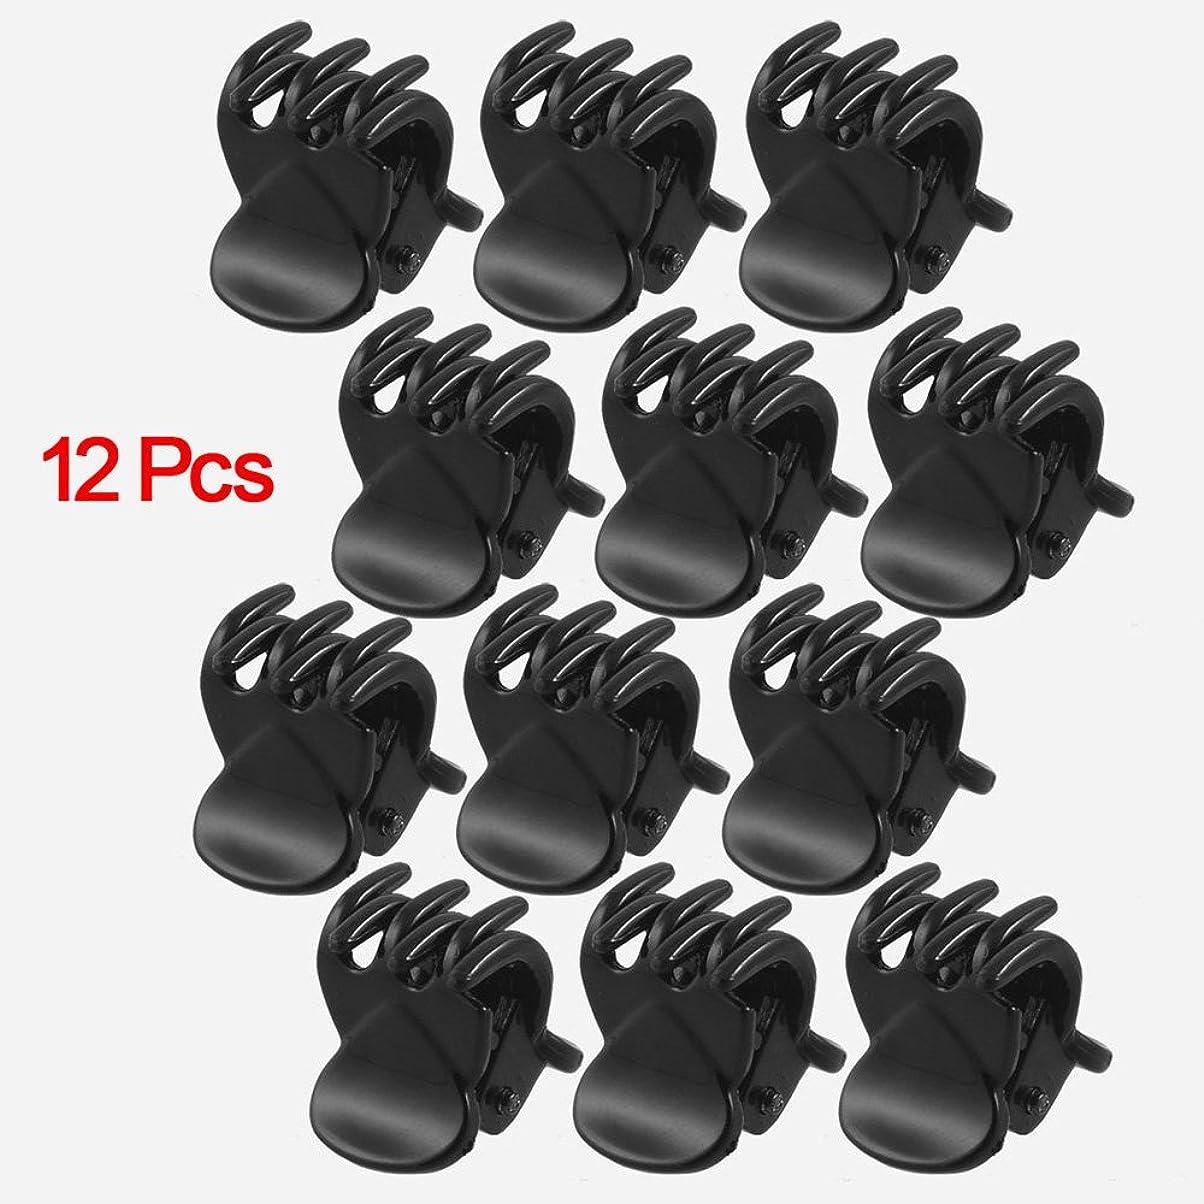 六分儀アマチュア大使SODIAL(R) 女性のための12個の黒いプラスチック製ミニヘアピン6爪ヘアクリップクランプ